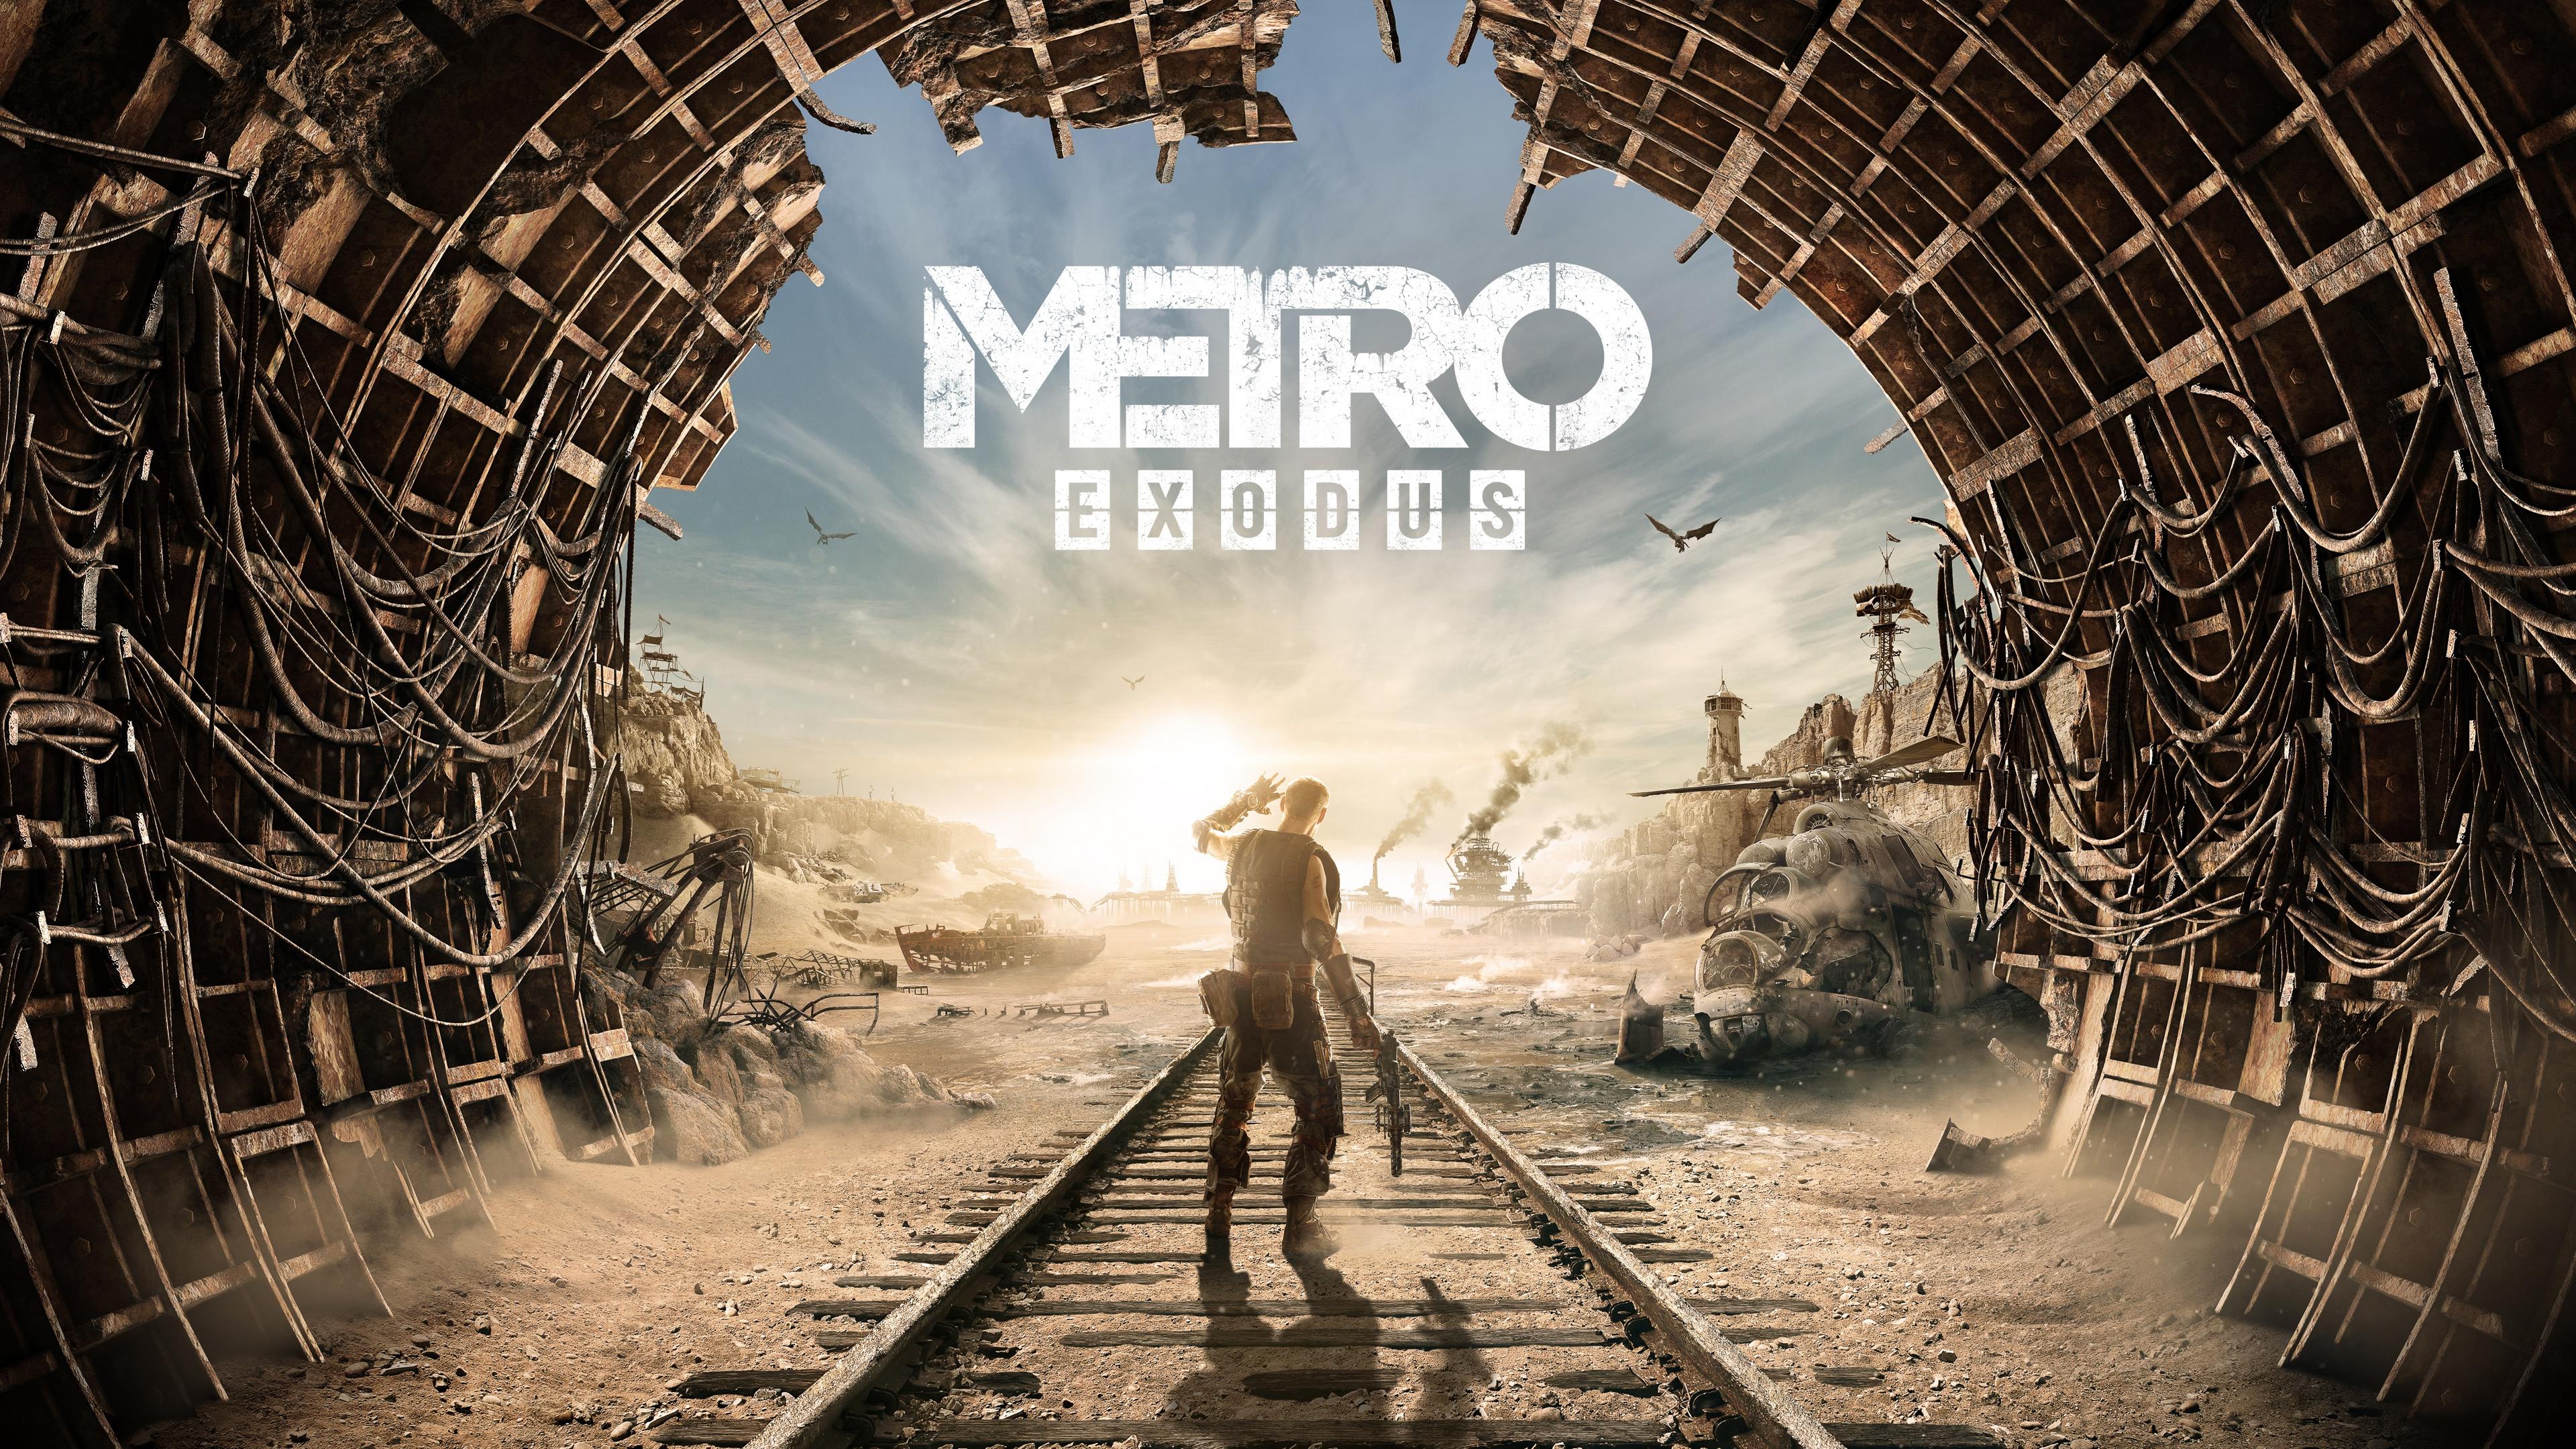 Картинки Metro Exodus тоннель рельсах Игры Рельсы Туннель компьютерная игра